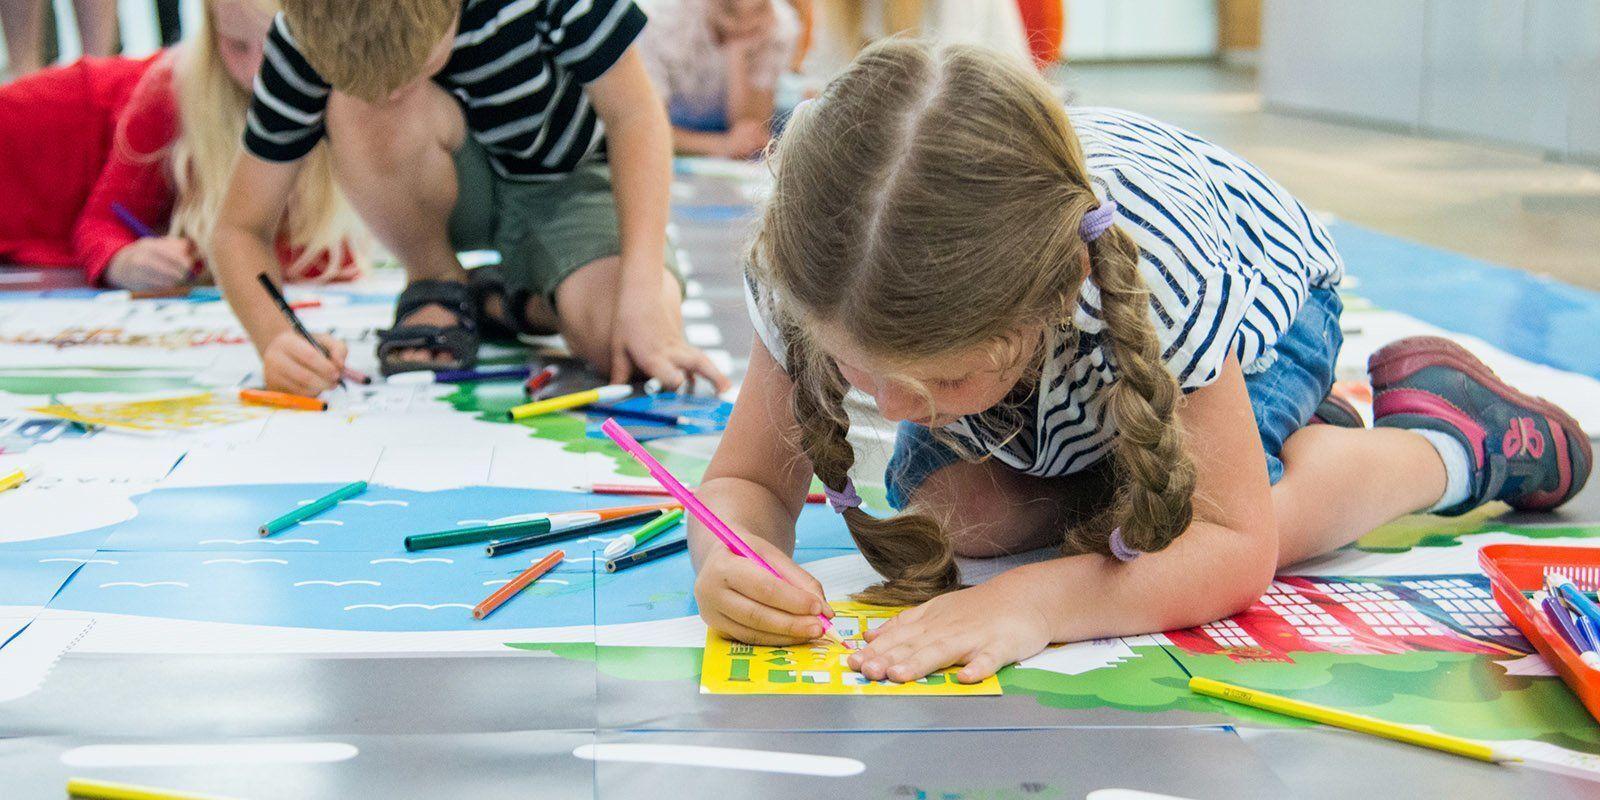 Загадки, басни и диафильмы: как совместить обучение с досугом для детей